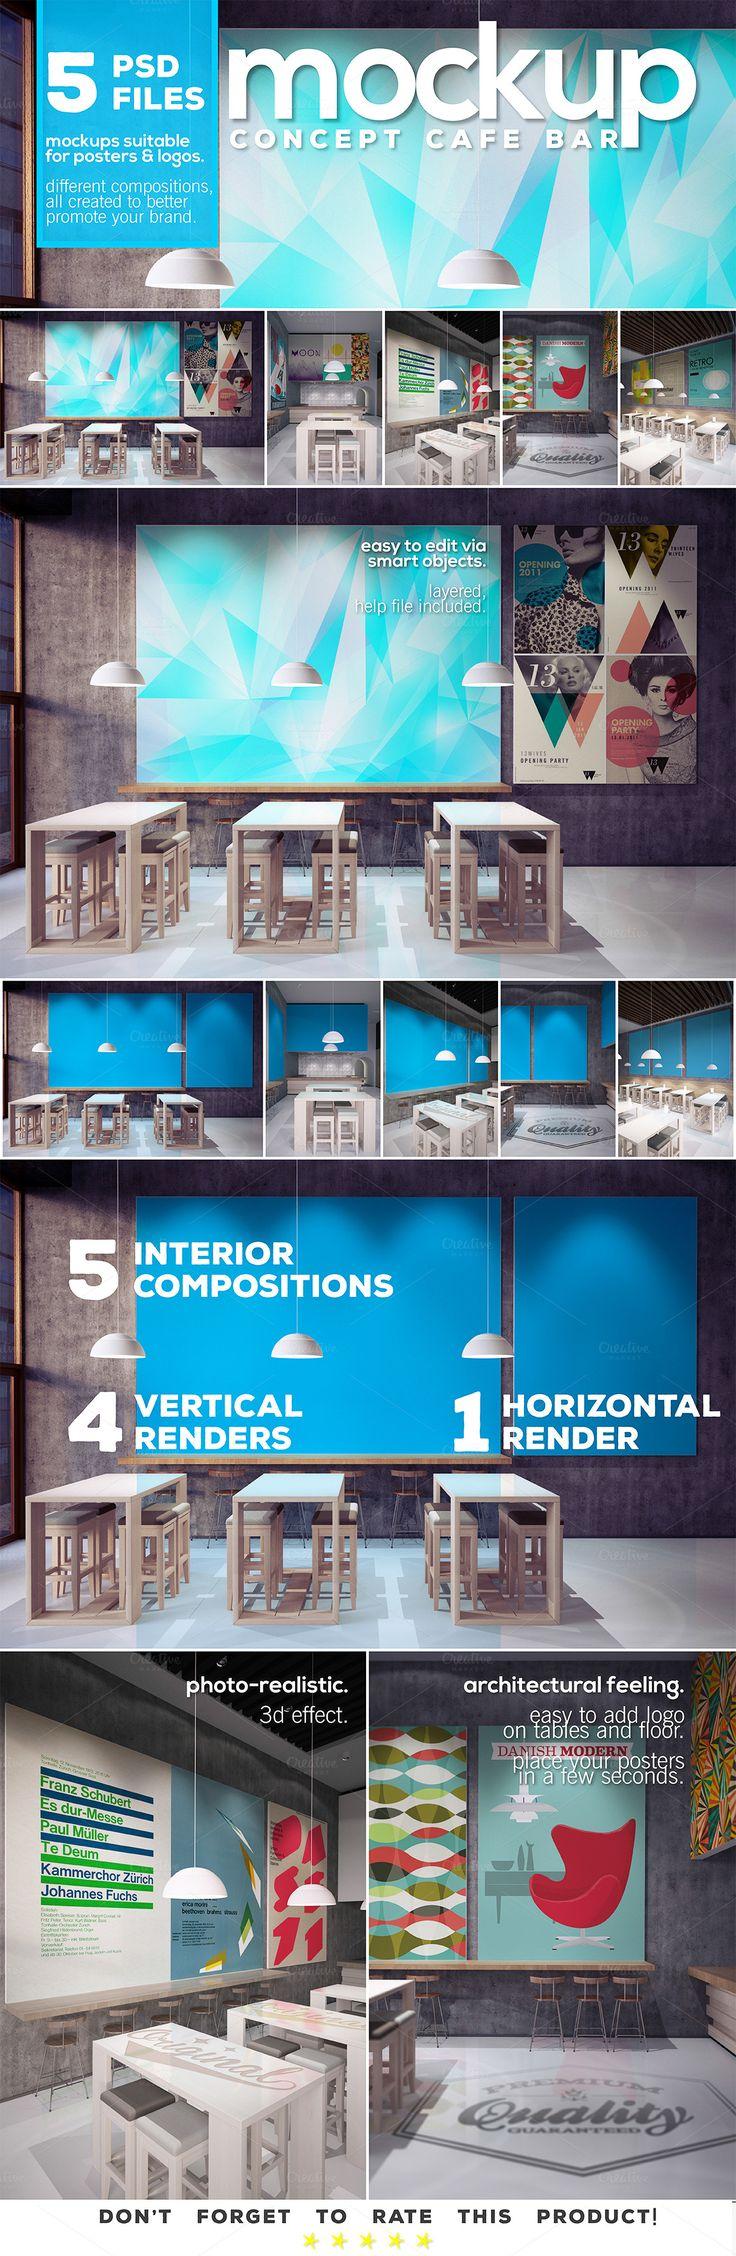 6 poster design photo mockups 57079 - 6 Poster Design Photo Mockups 57079 2